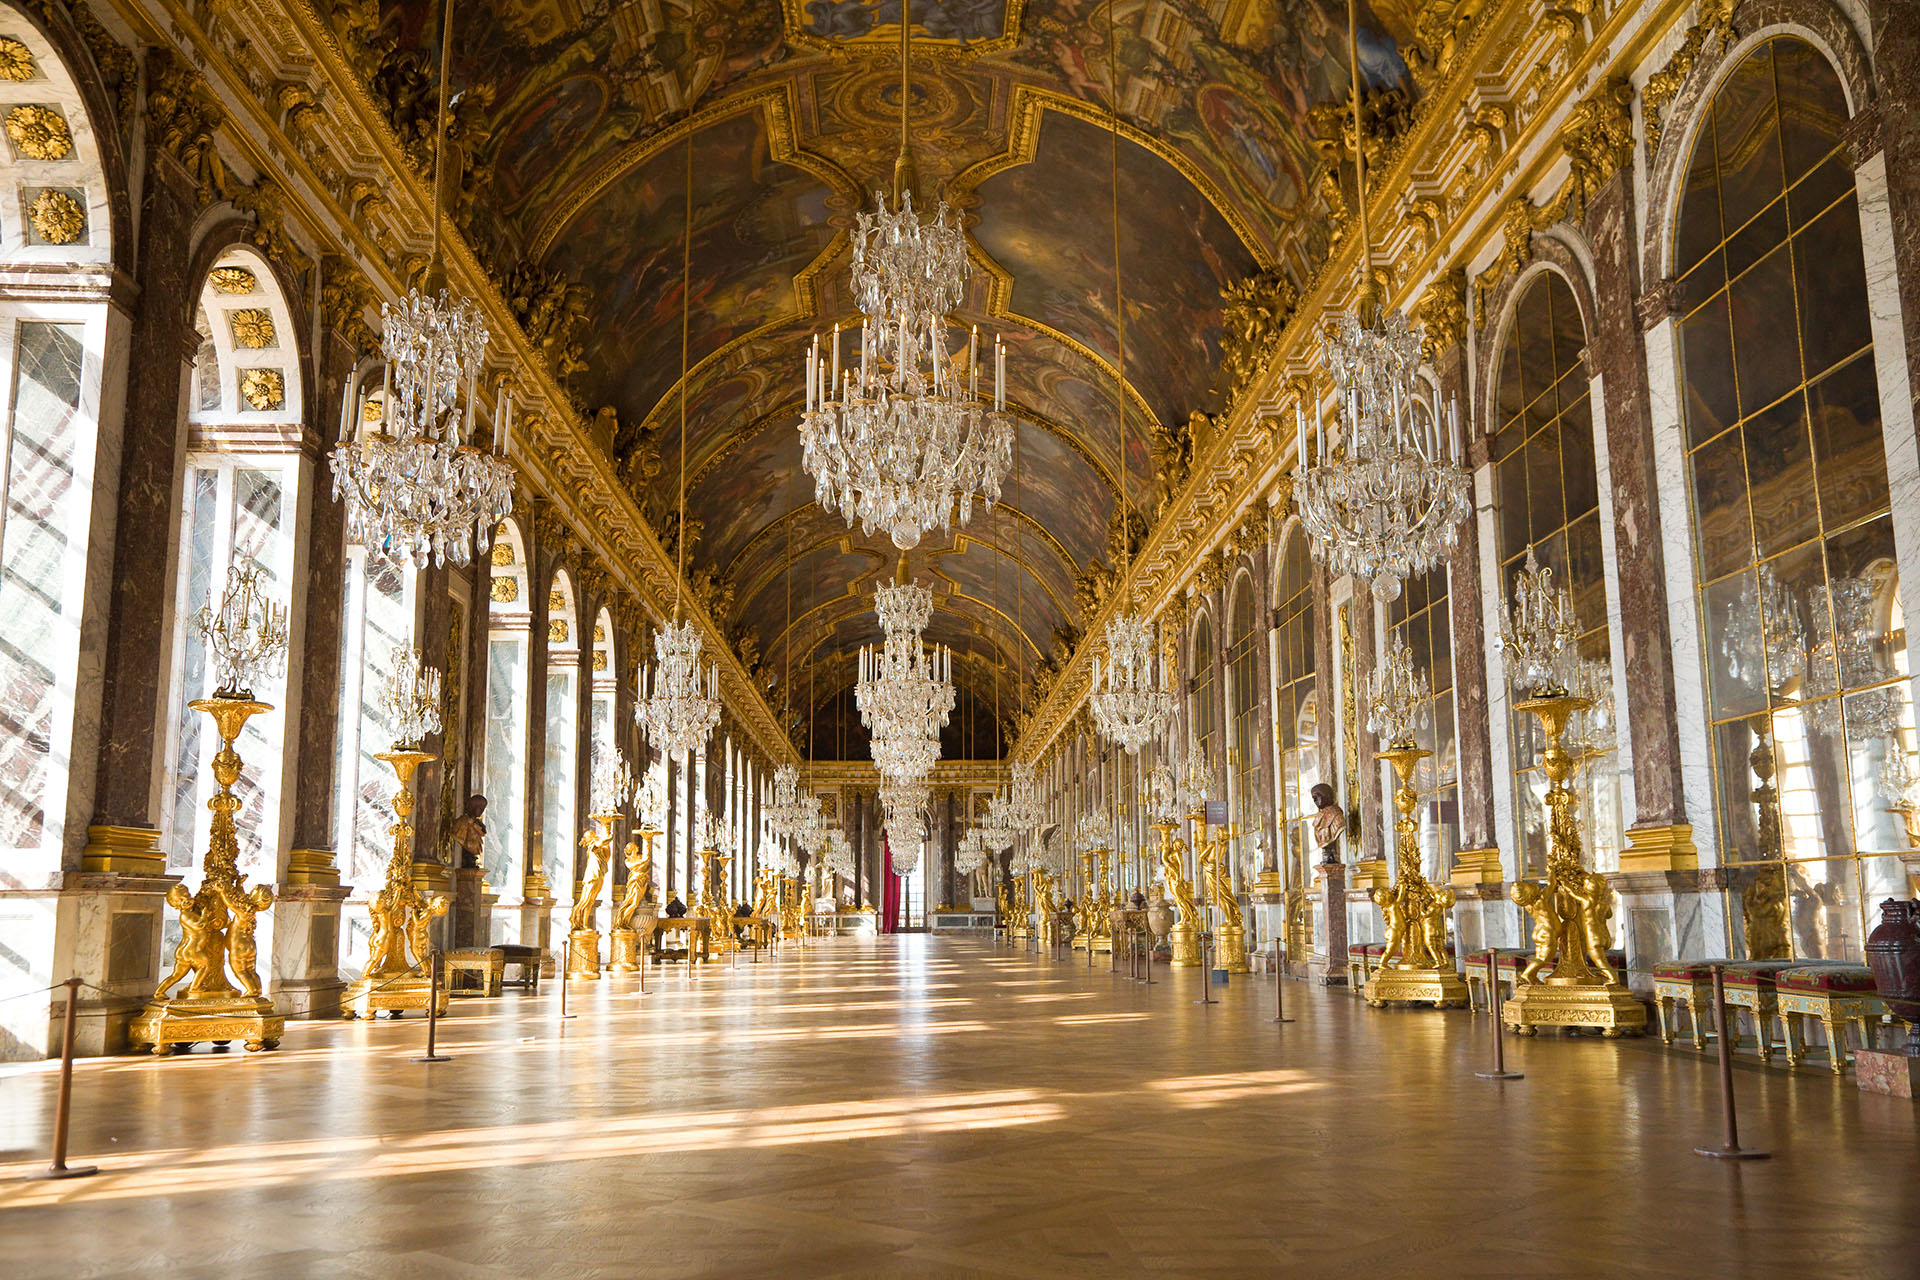 Declarado Patrimonio de la Humanidad por la UNESCO desde hace más de treinta años, el Palacio de Versalles es uno de los palacios más conocidos a nivel mundial